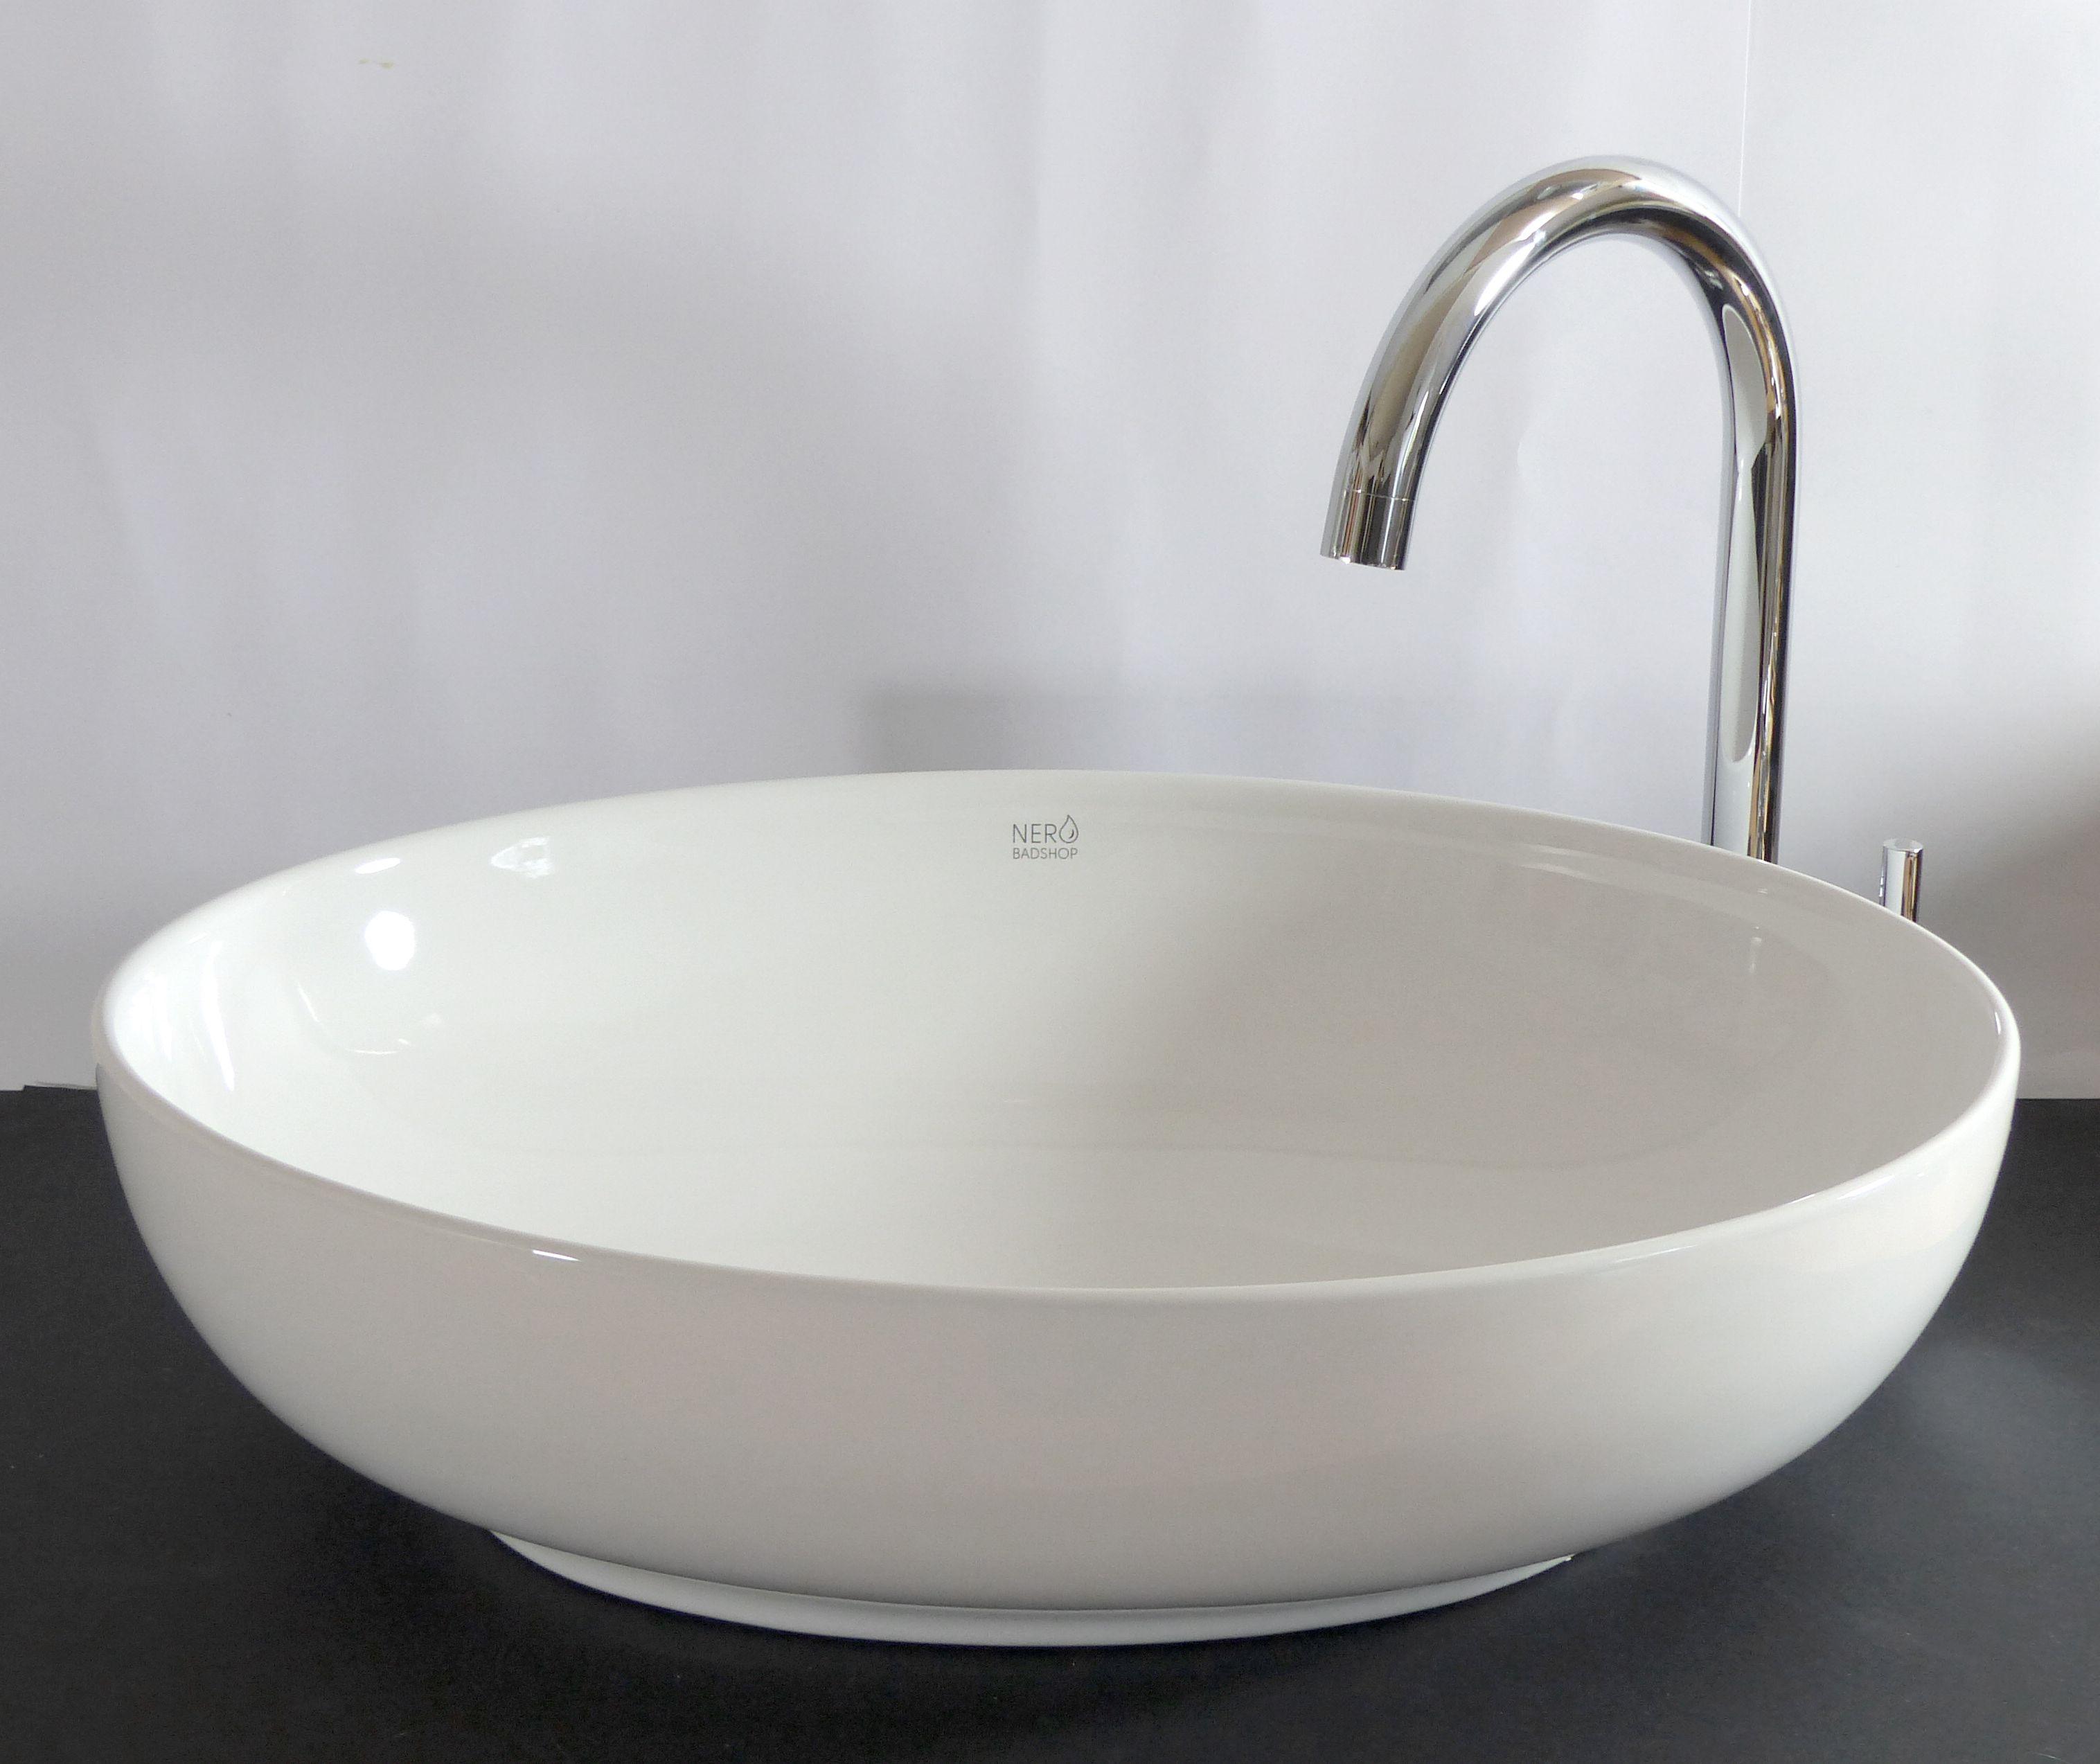 nero badshop keramik aufsatz waschbecken oval online kaufen. Black Bedroom Furniture Sets. Home Design Ideas